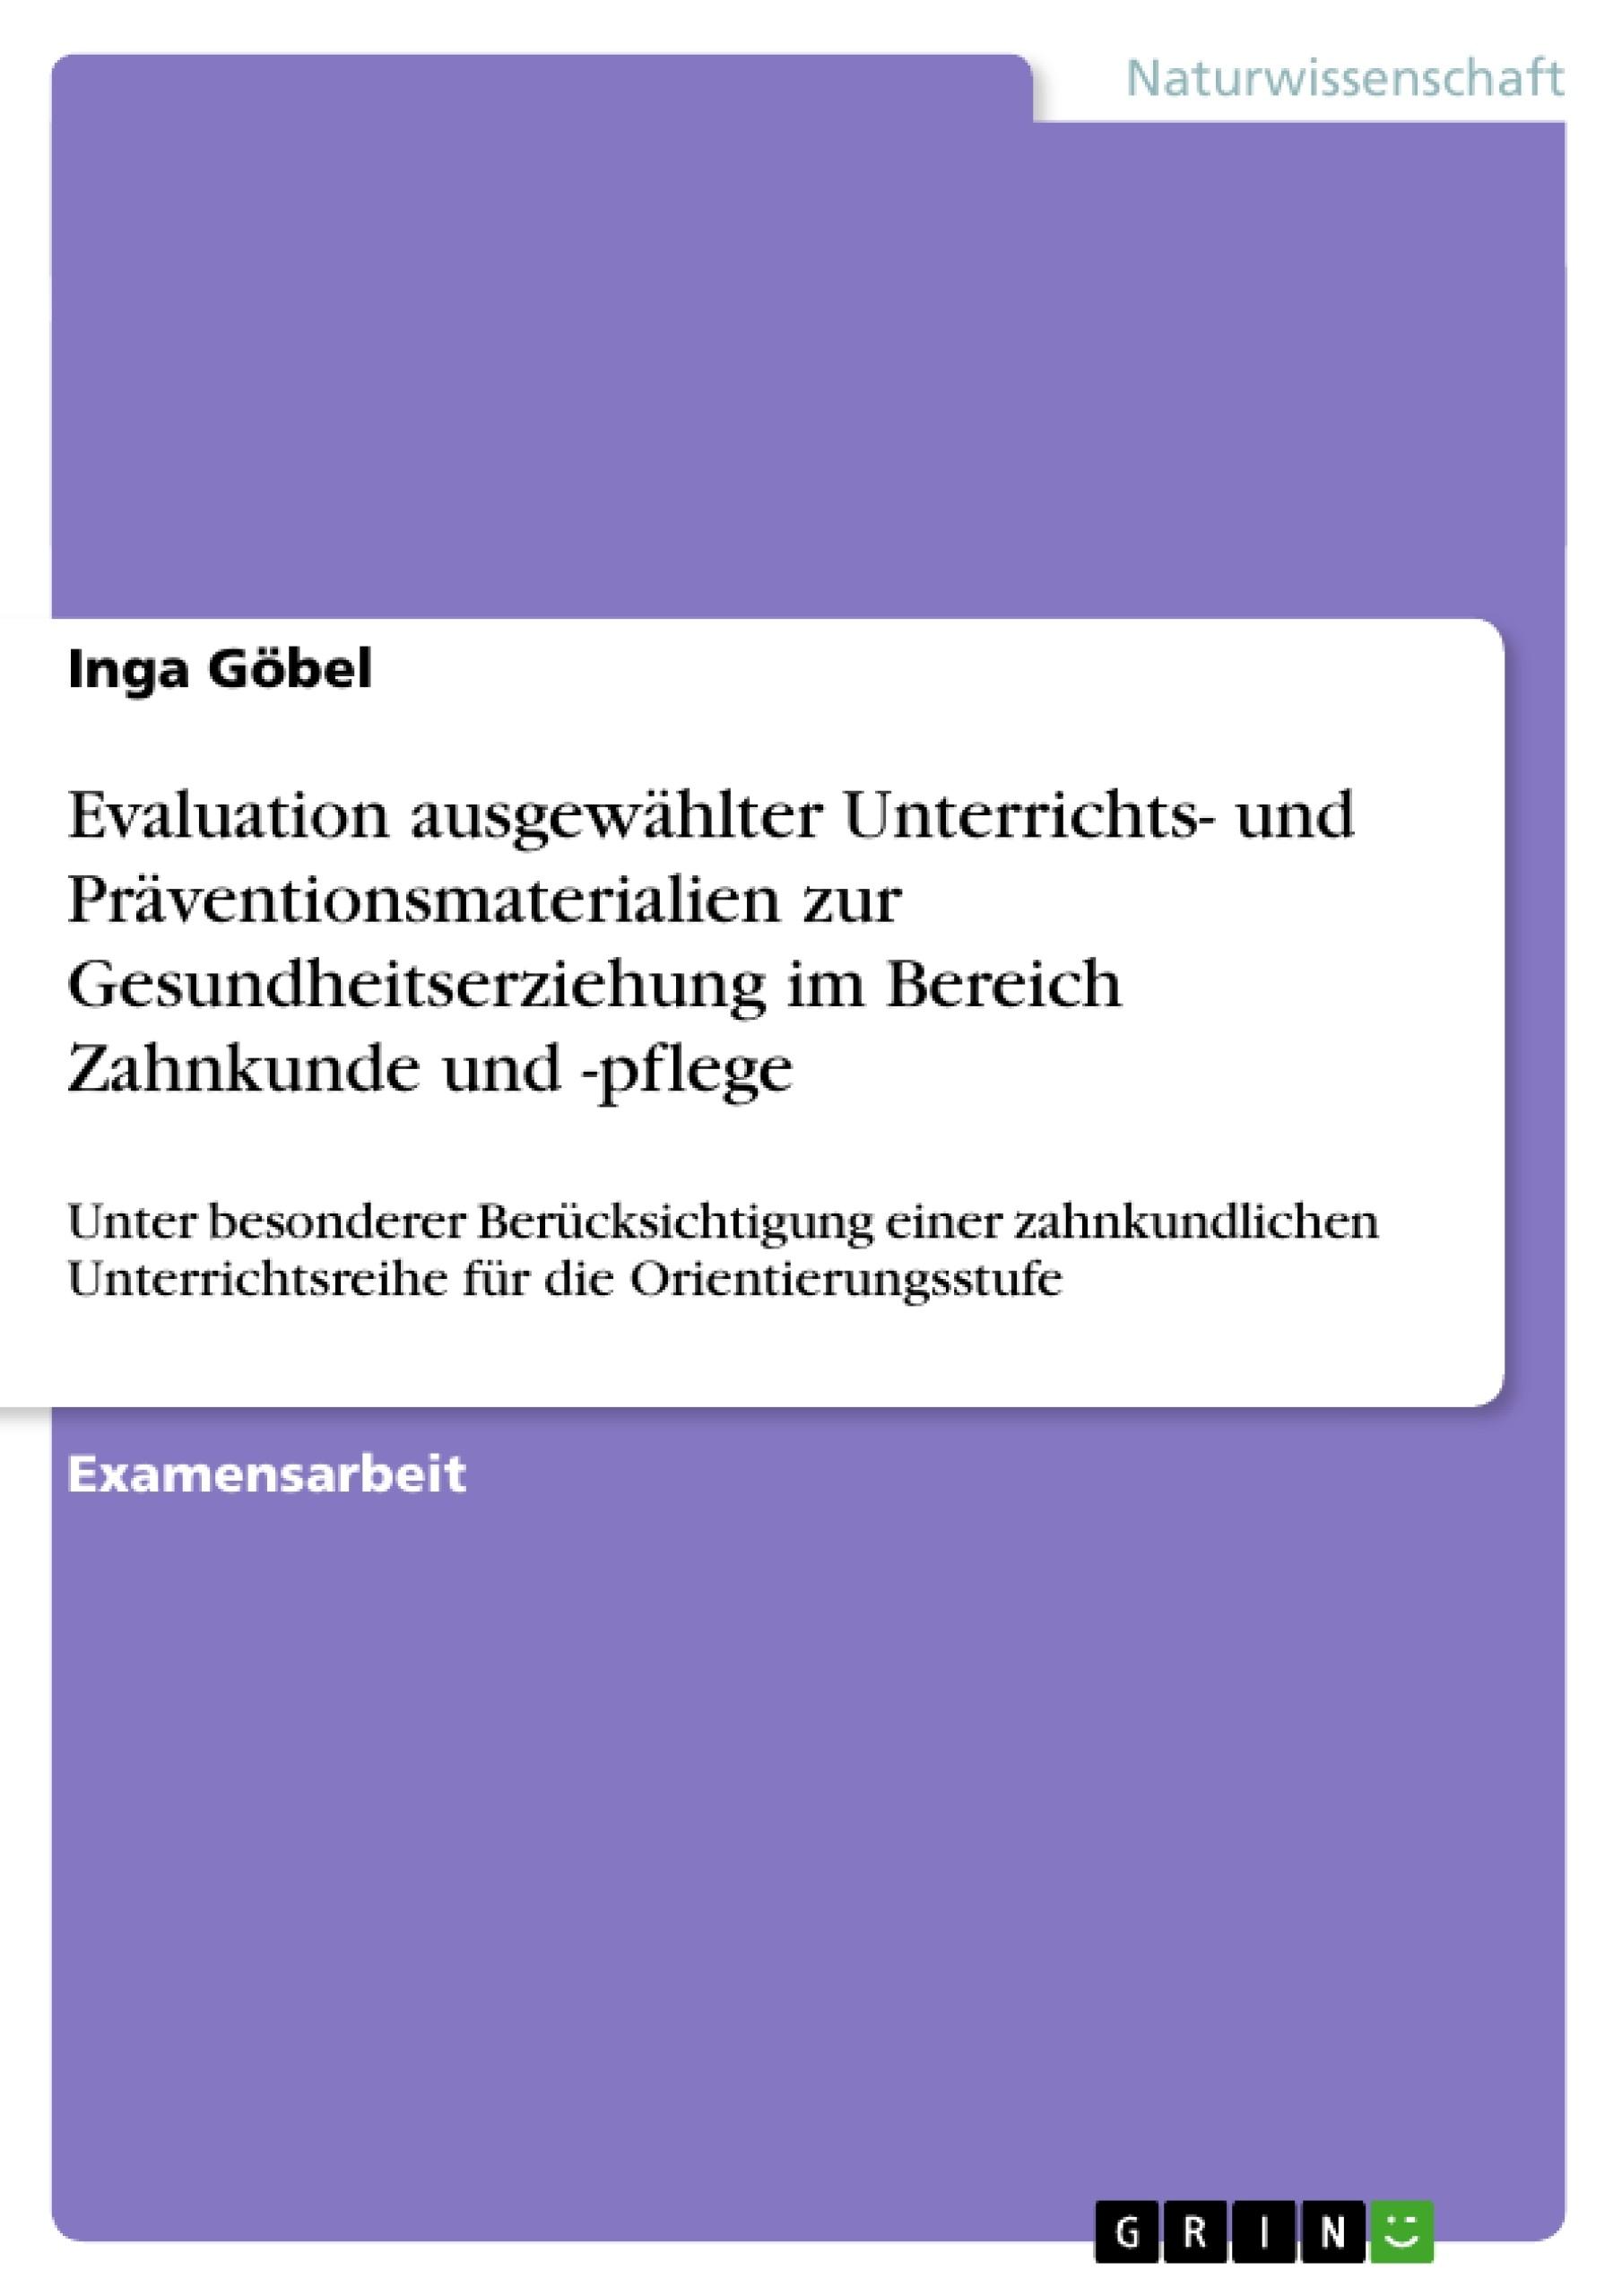 Titel: Evaluation ausgewählter Unterrichts- und Präventionsmaterialien zur Gesundheitserziehung im Bereich Zahnkunde und -pflege